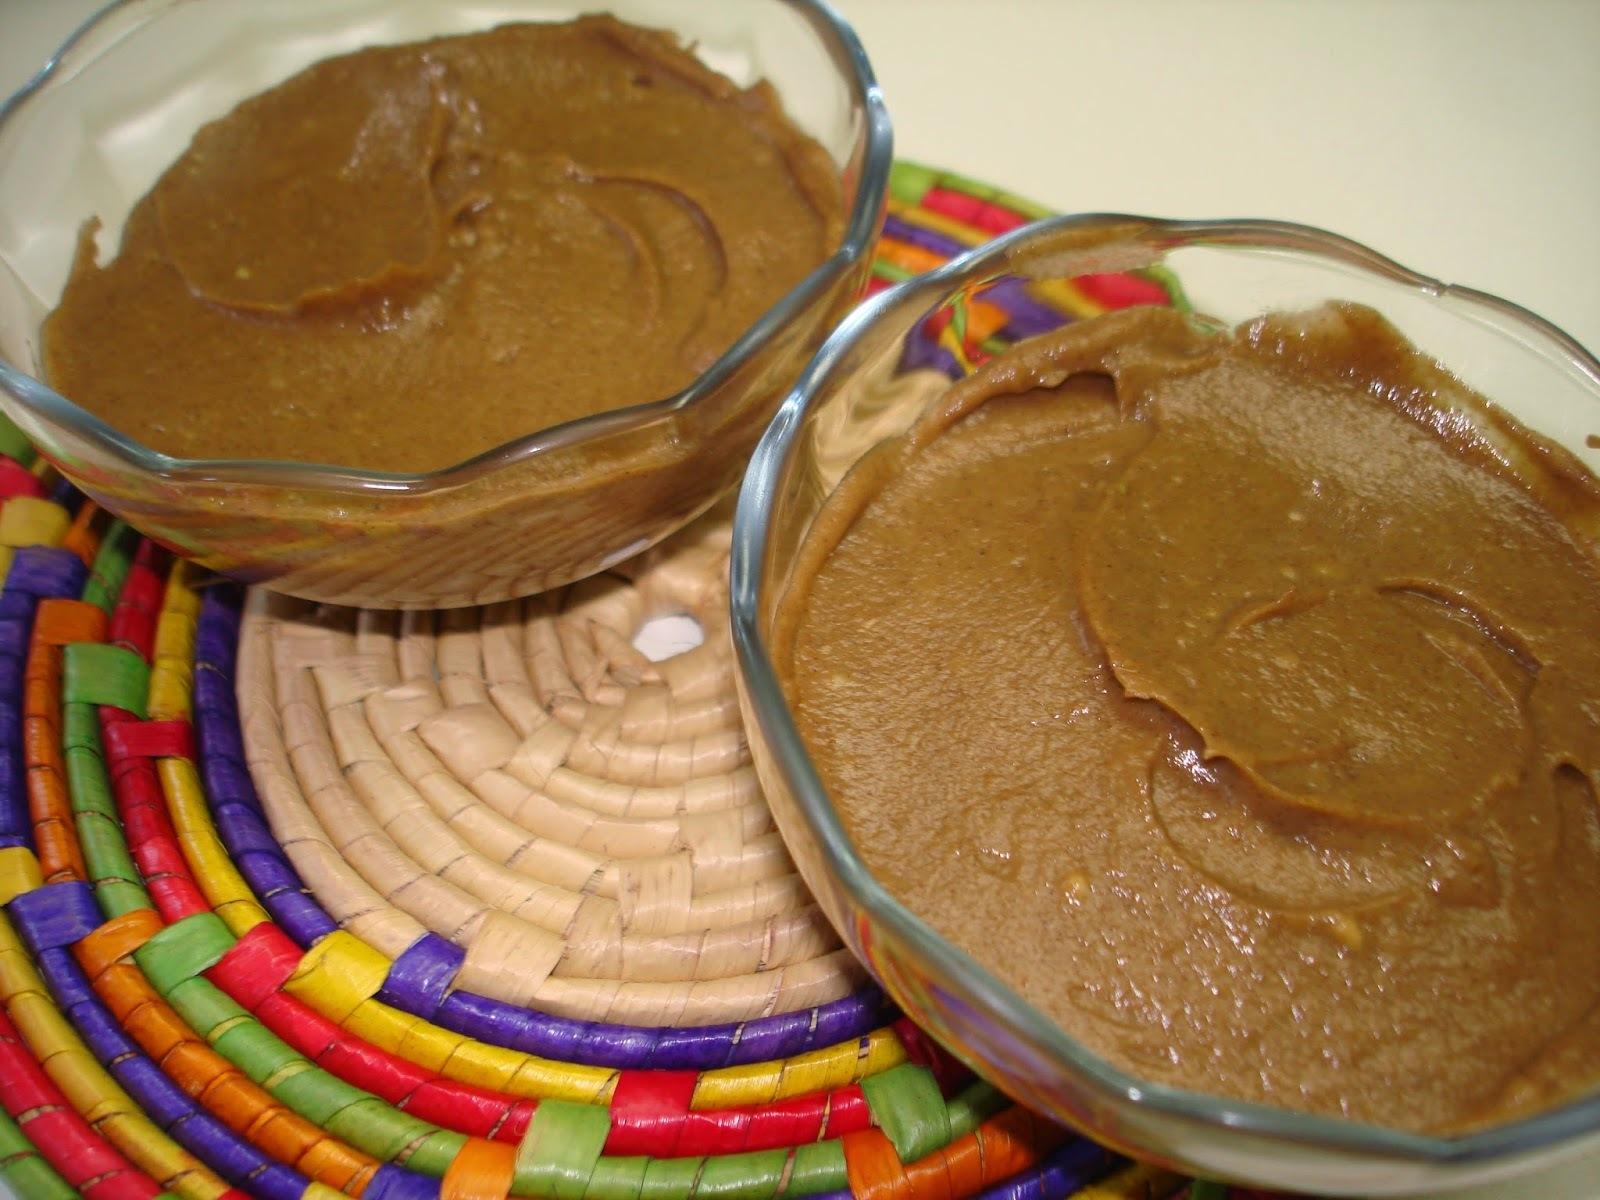 Falso Mousse de Chocolate (com Abacate) - não engorda, não tem glúten, não tem lactose - tem saúde!